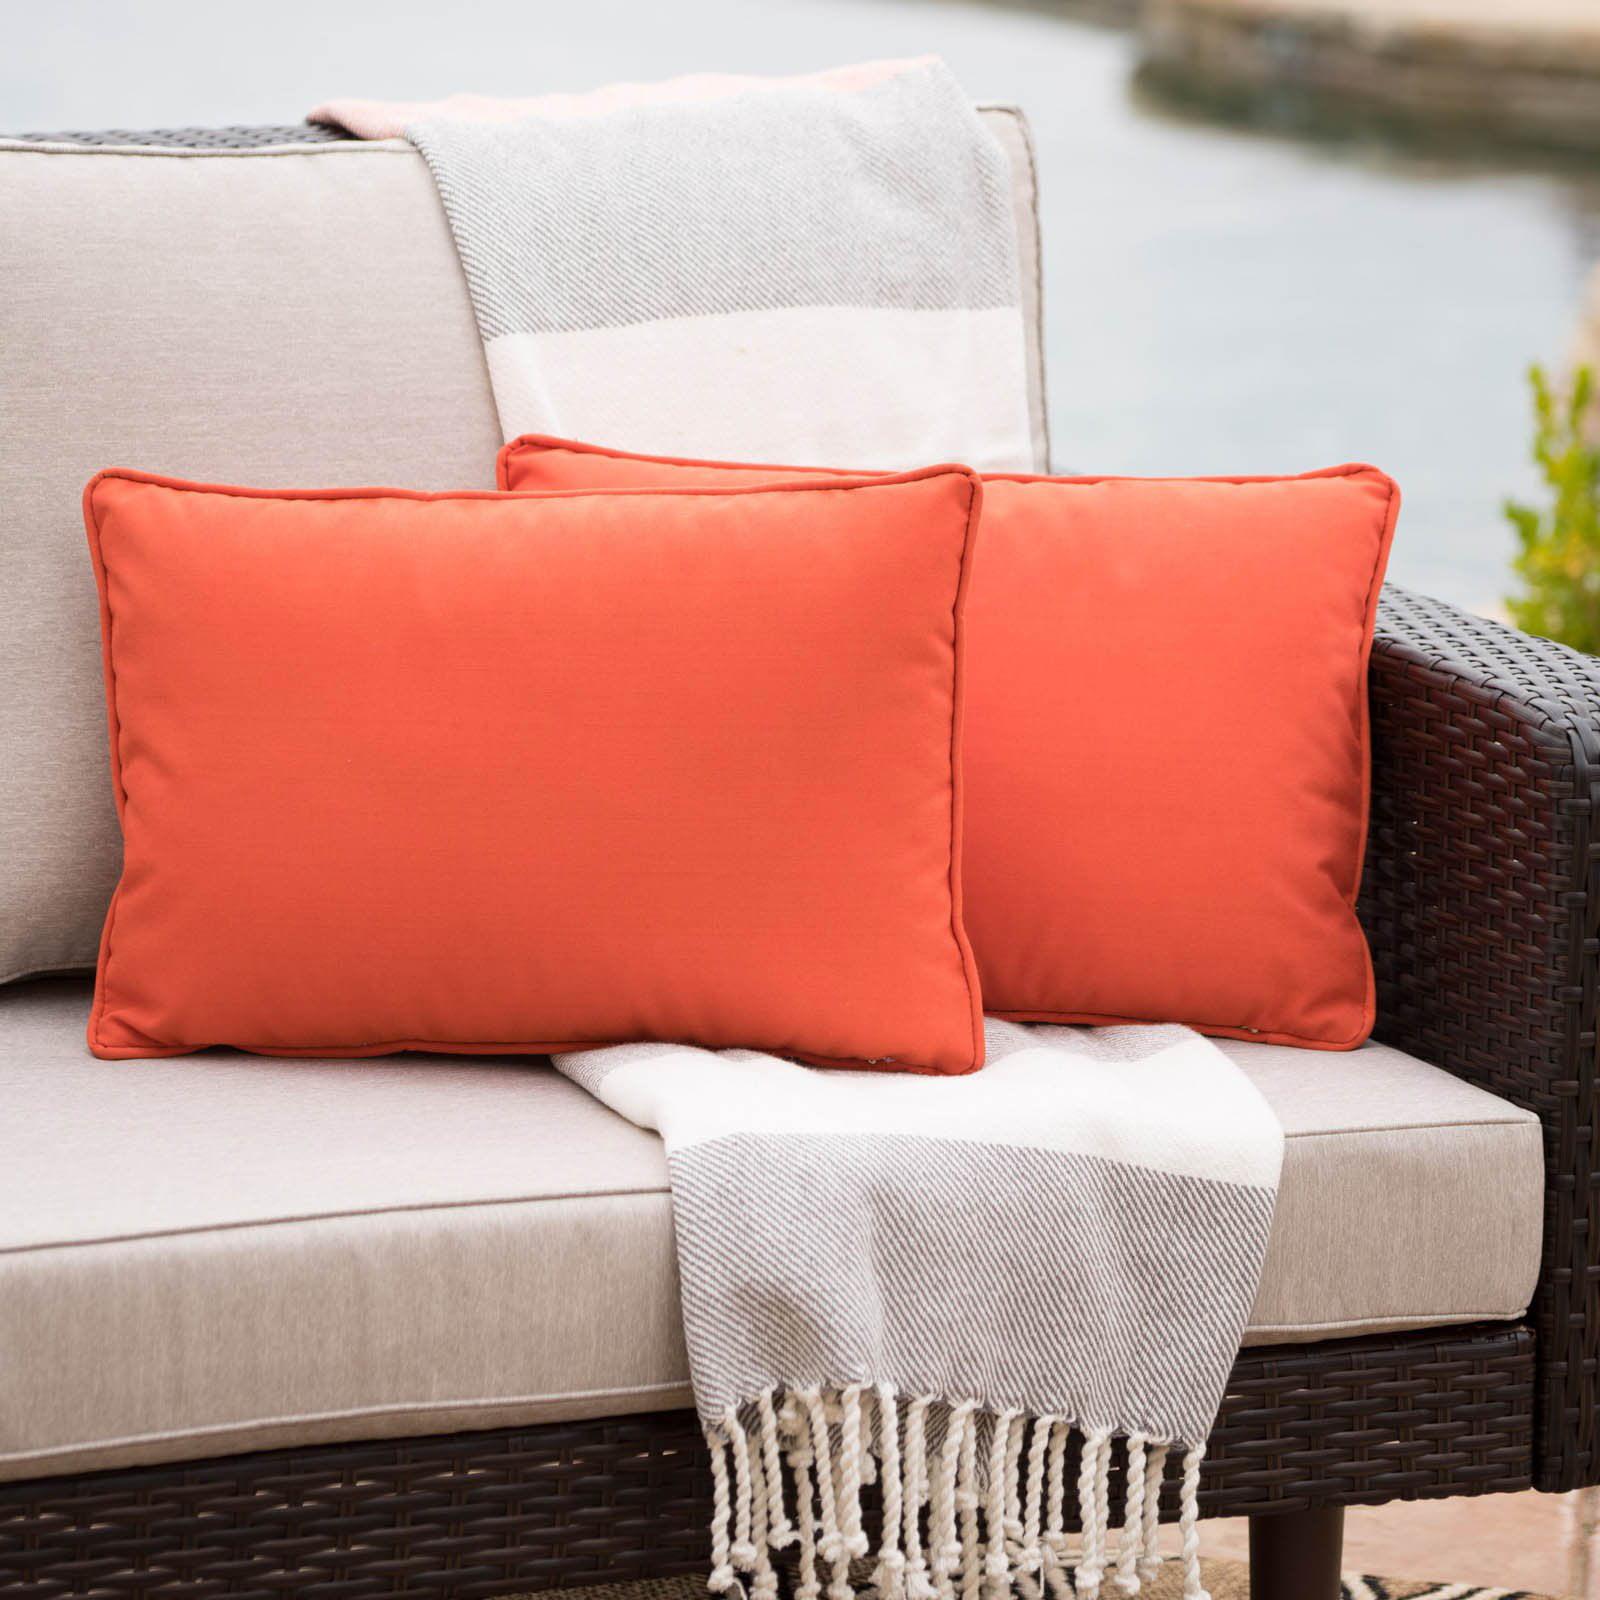 Coronado Outdoor Rectangular Water Resistant Pillow - Set of 2